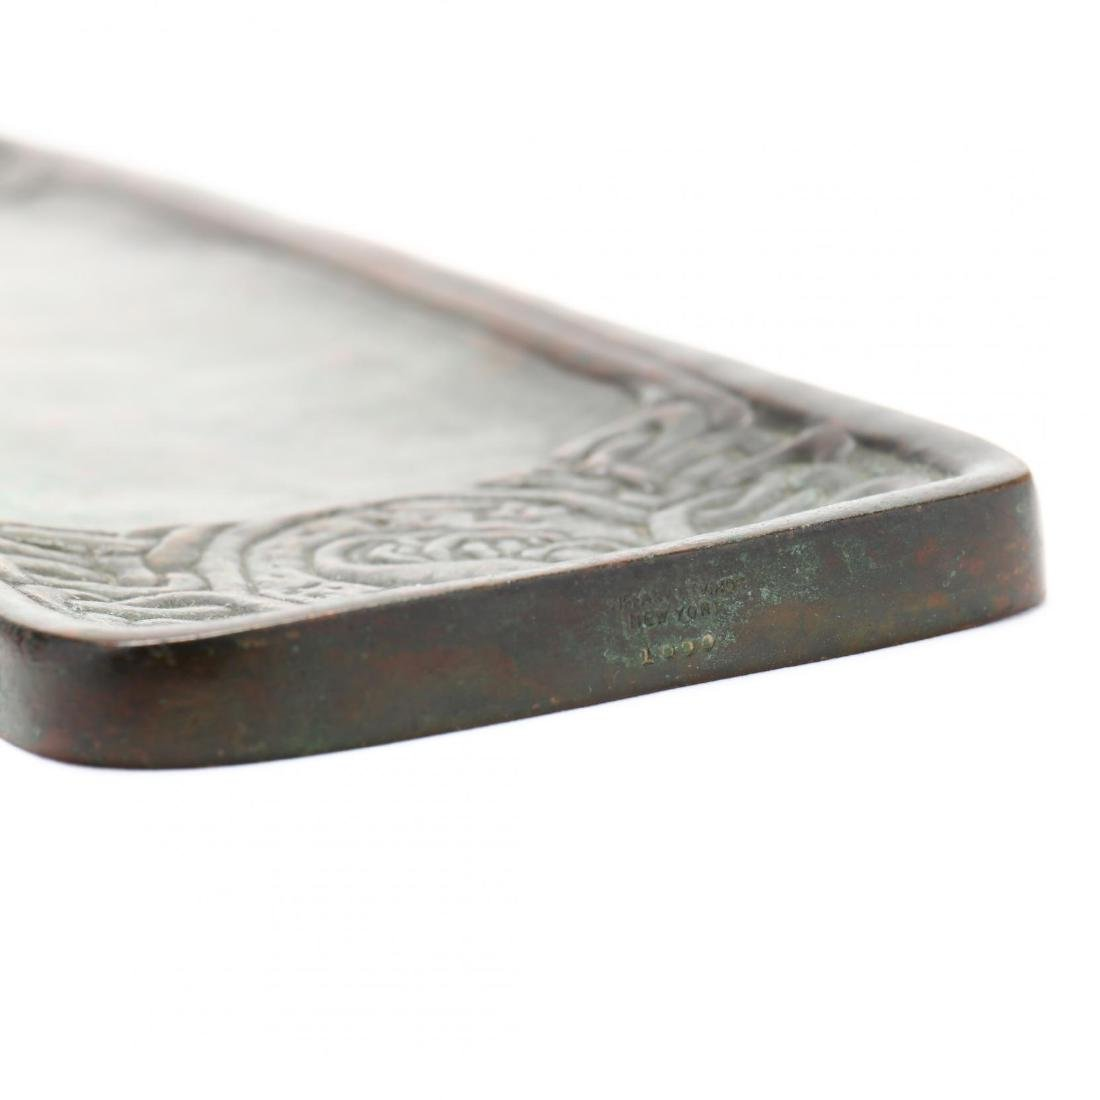 Tiffany Studios Bronze  Zodiac  Pen Tray - 5